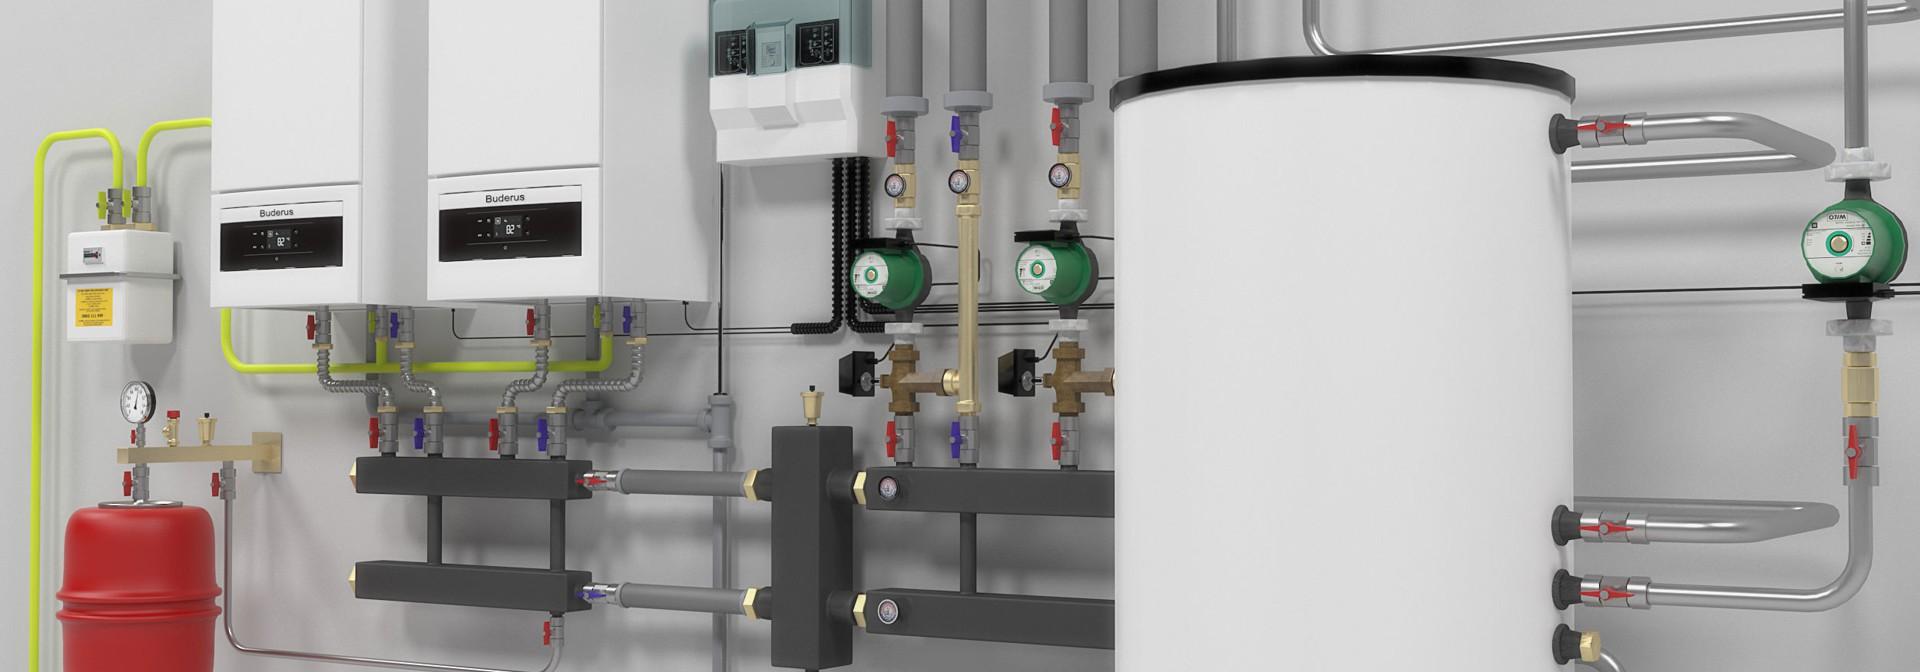 tepelné čerpadlo, systém vytápění